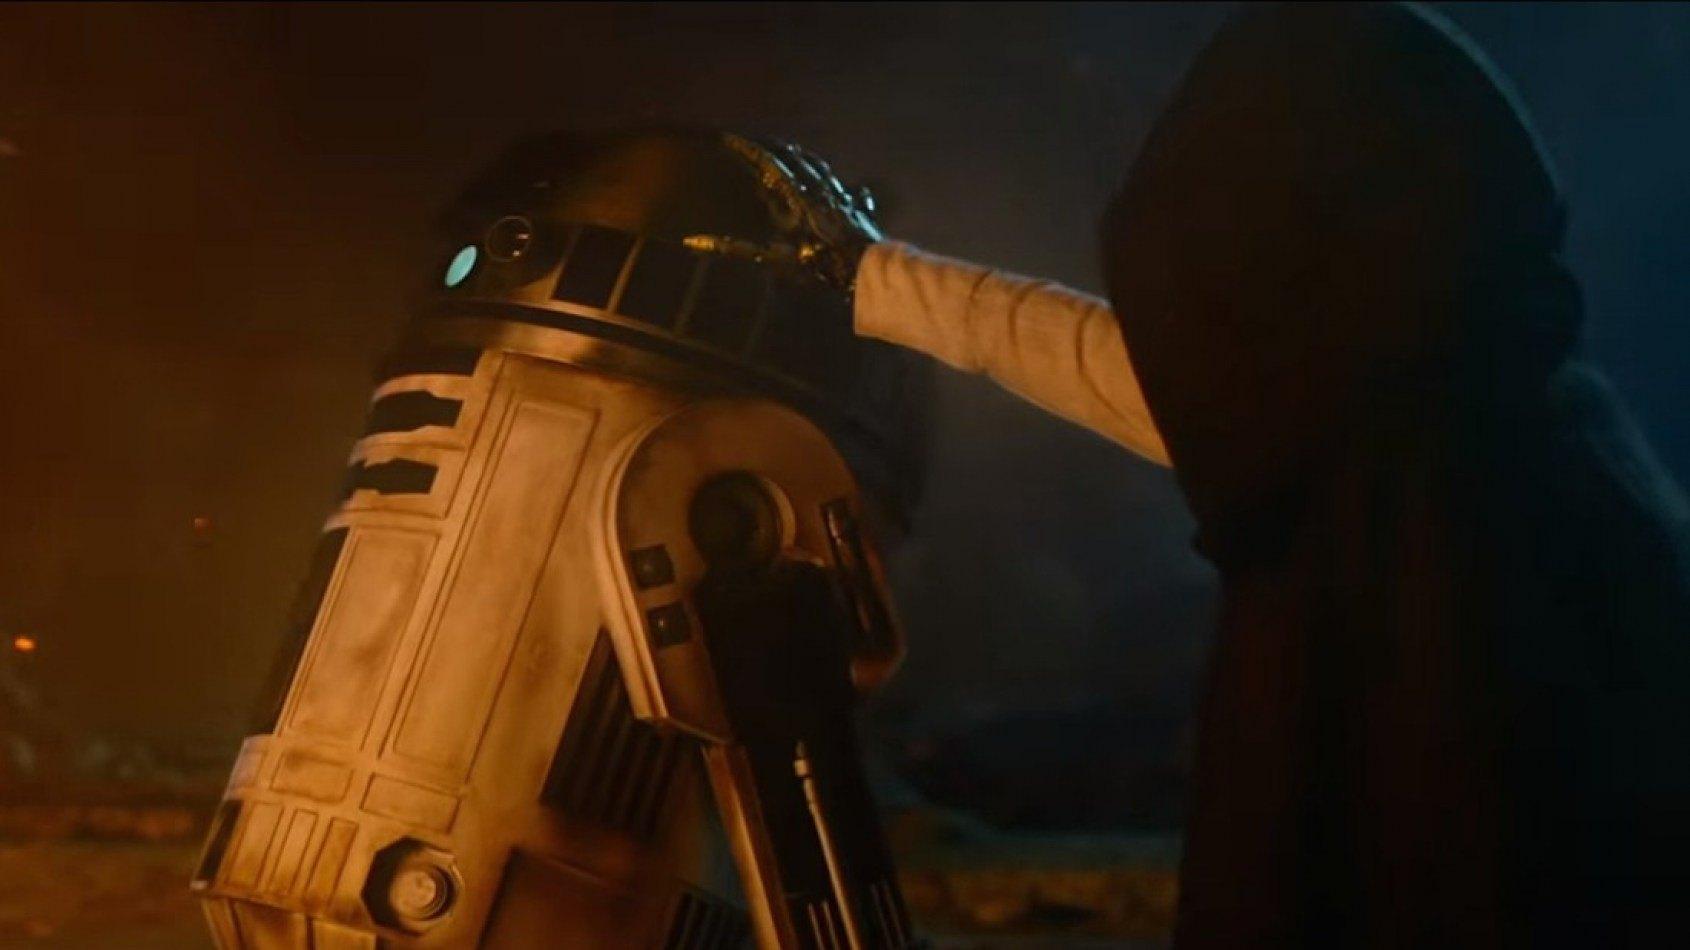 Des infos sur Luke Skywalker dans le Réveil de la Force